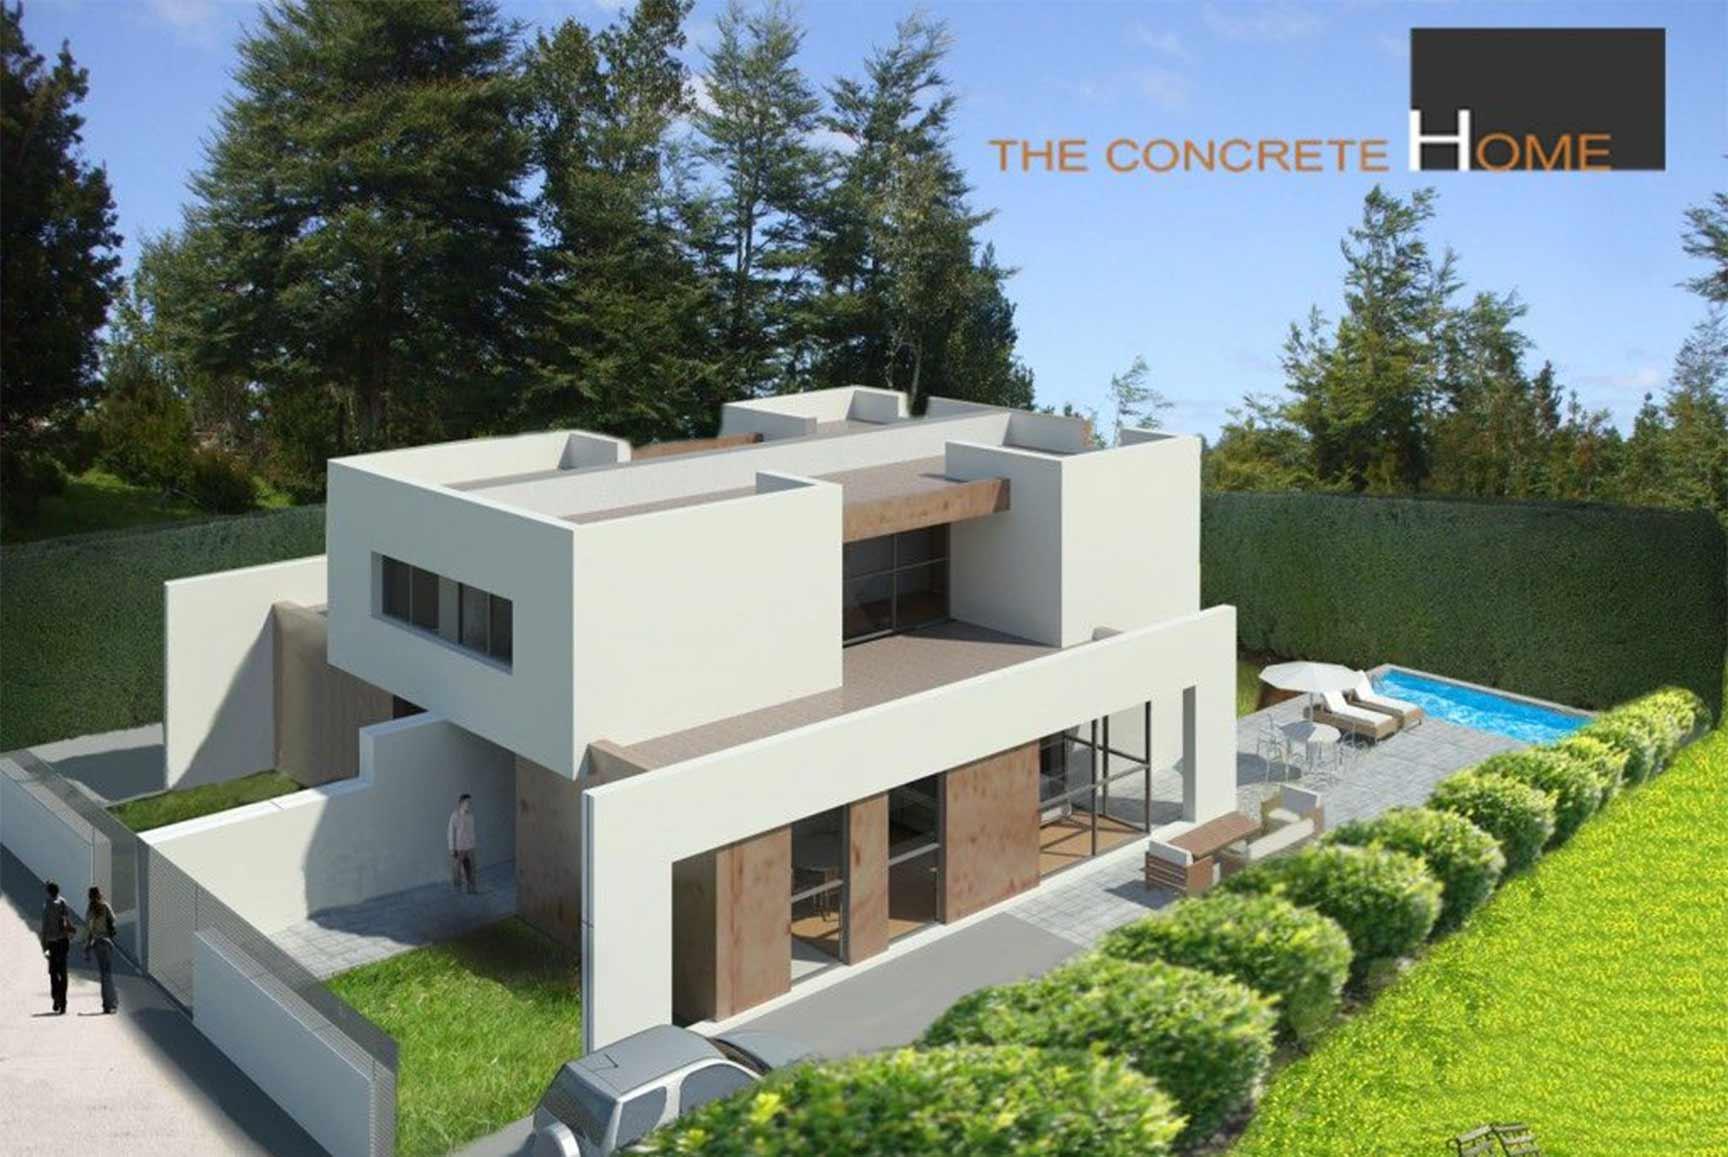 Se activa la construcci n de viviendas prefabricadas en collado villalba y moralzarzal - Construccion de casa prefabricadas ...